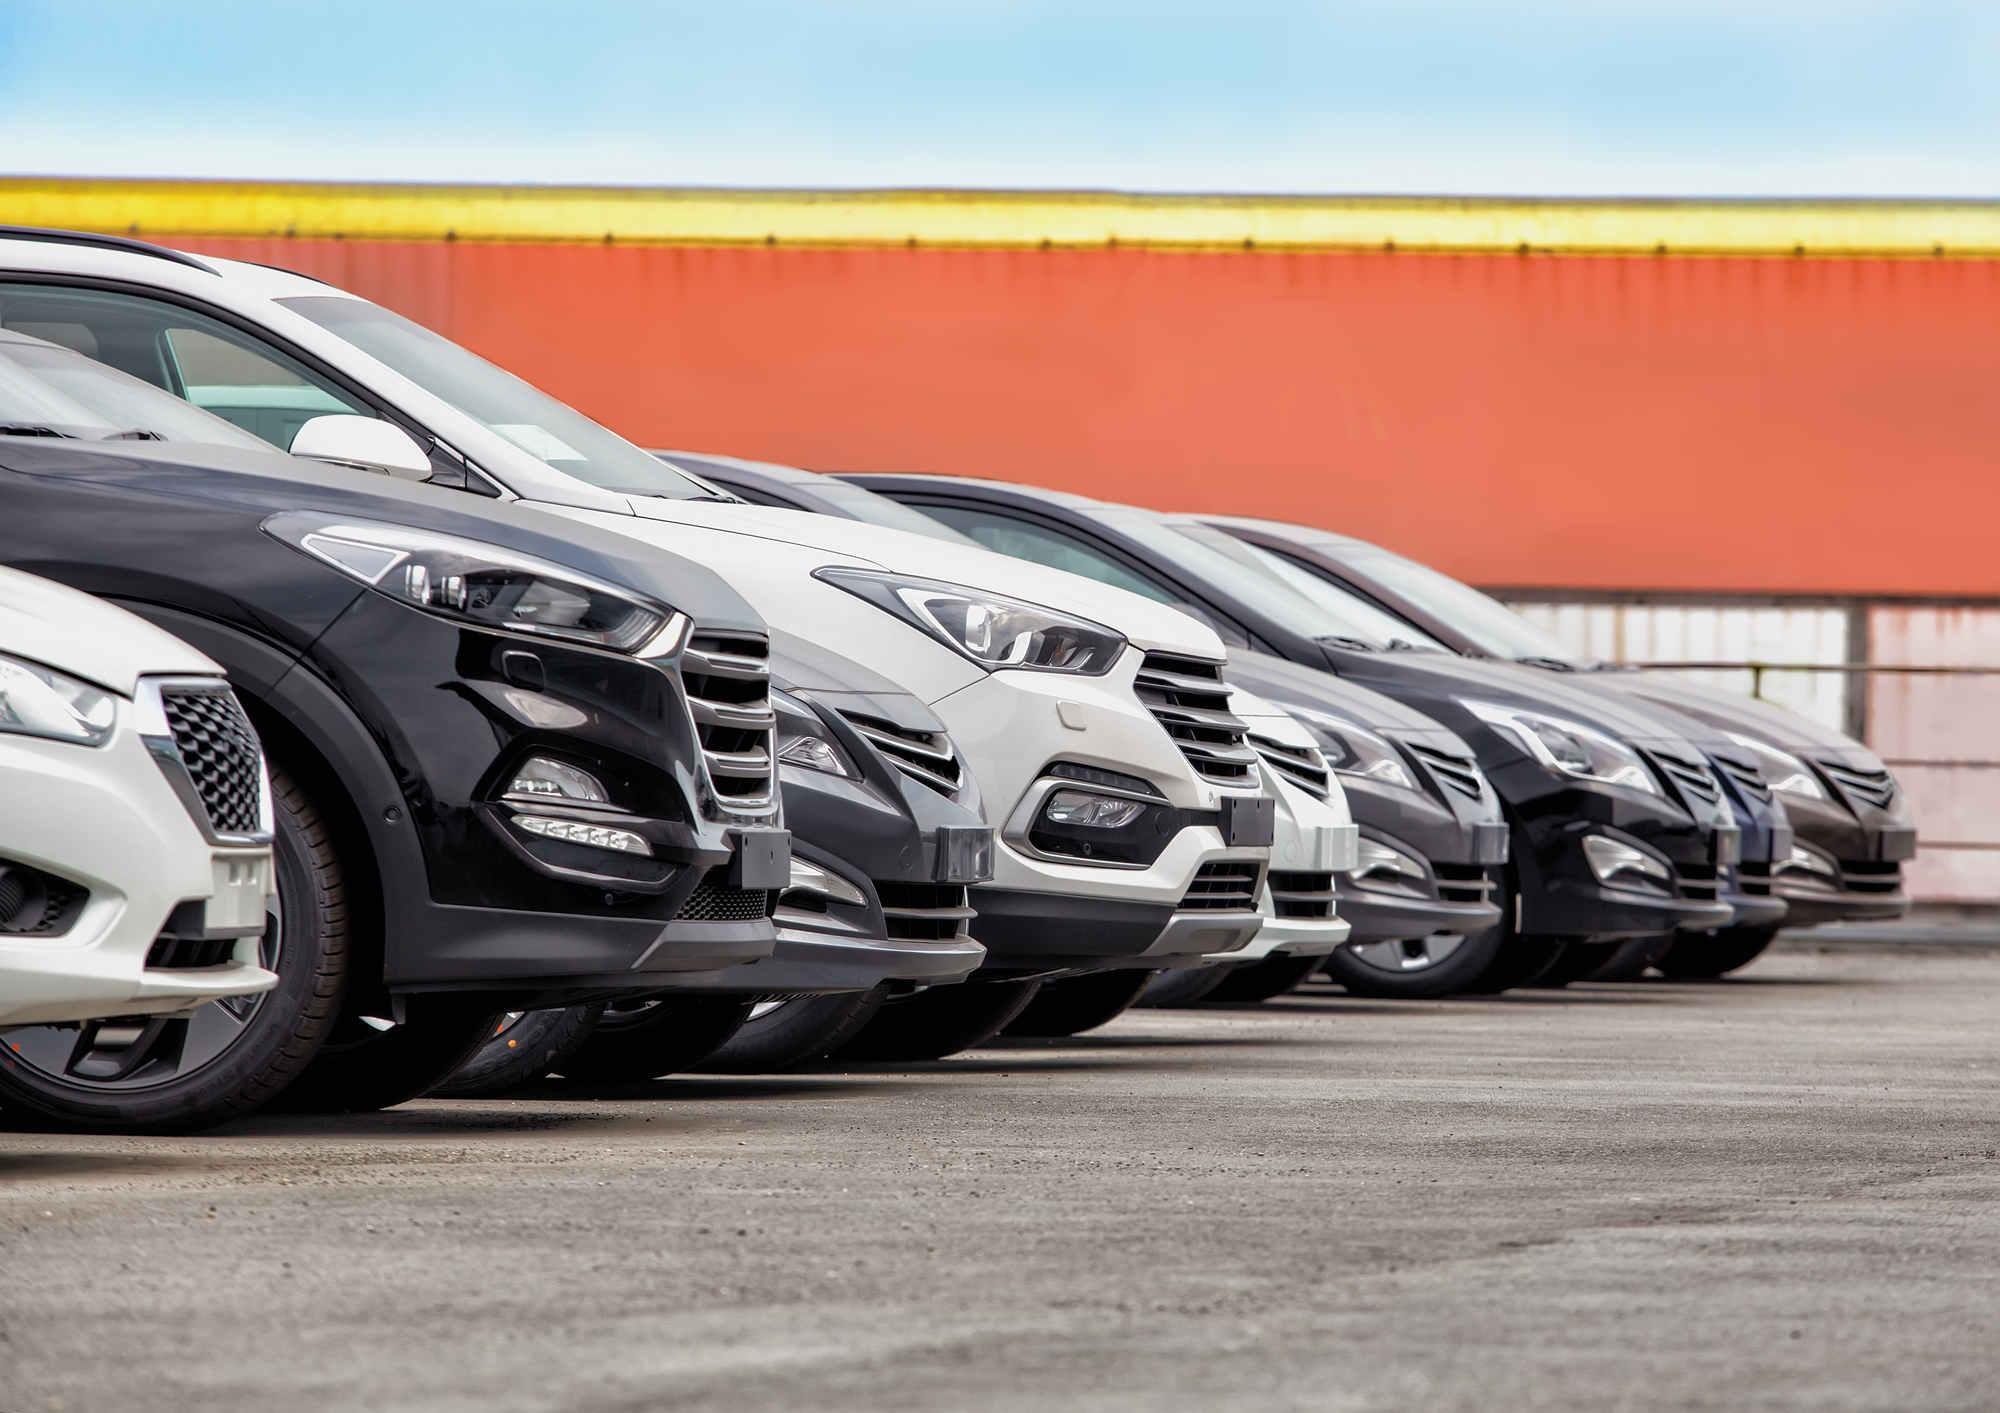 Flotte von Autos